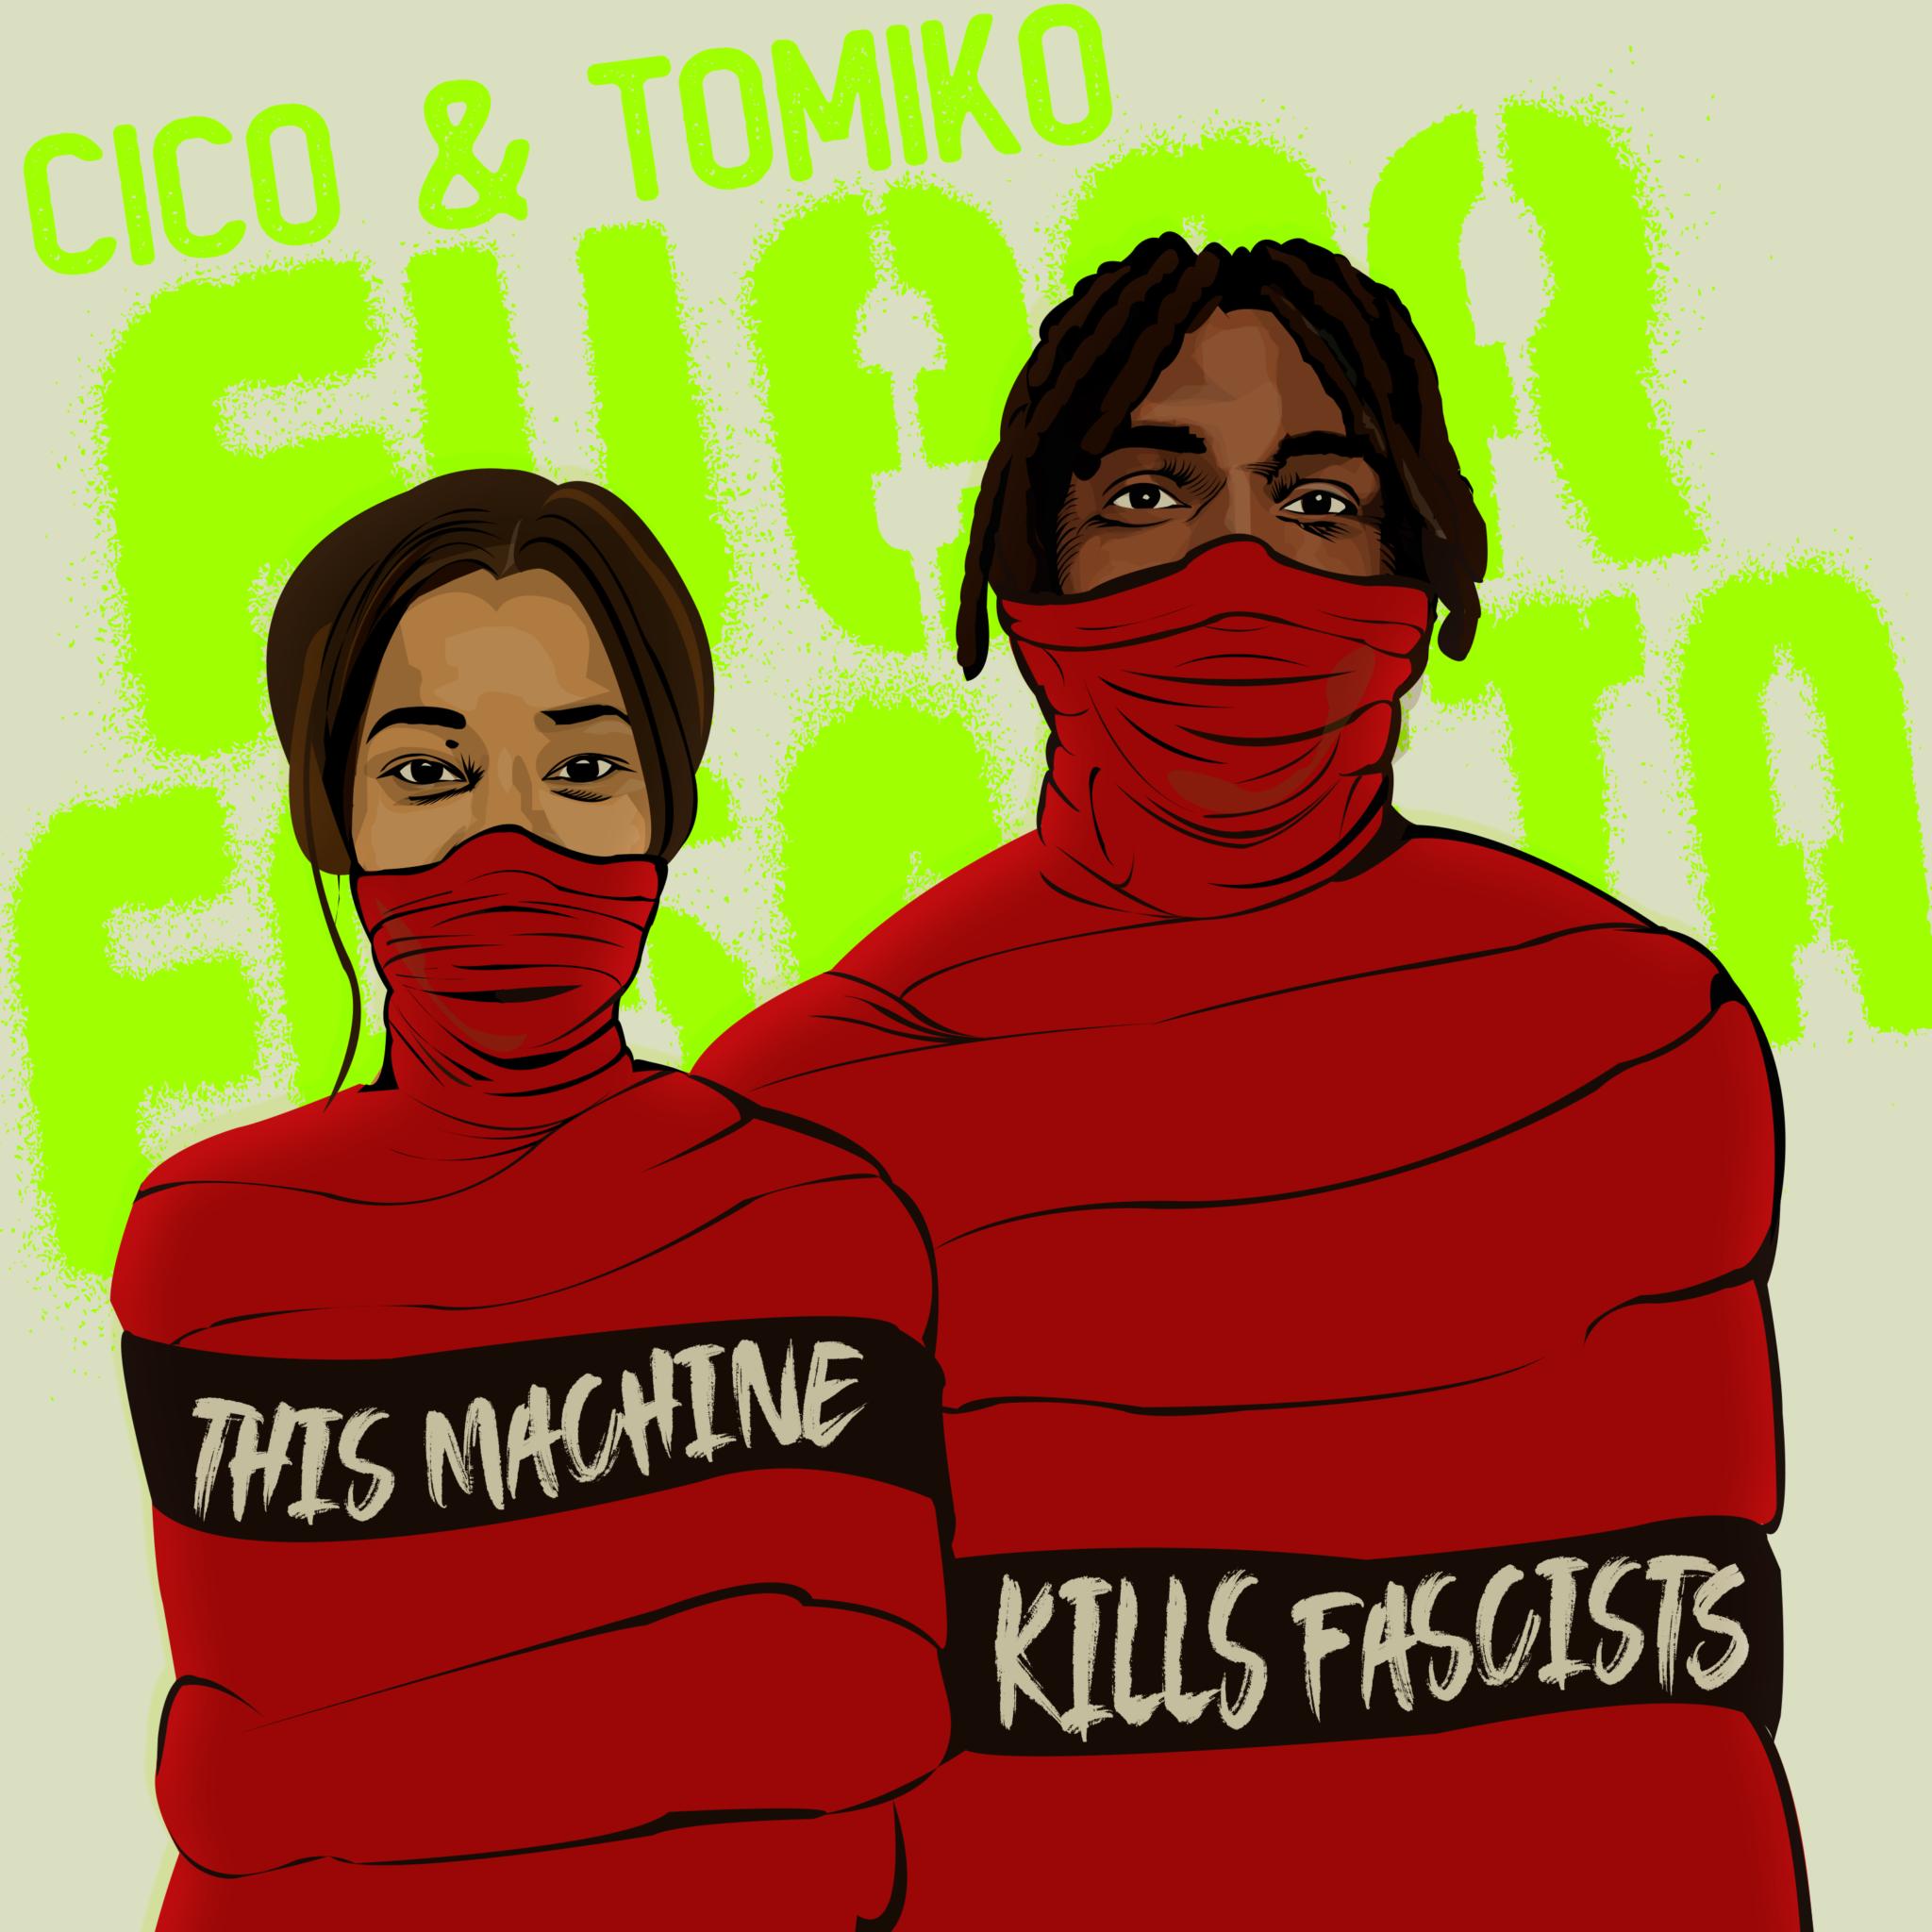 Fuera Fascista - Cico & Tomiko